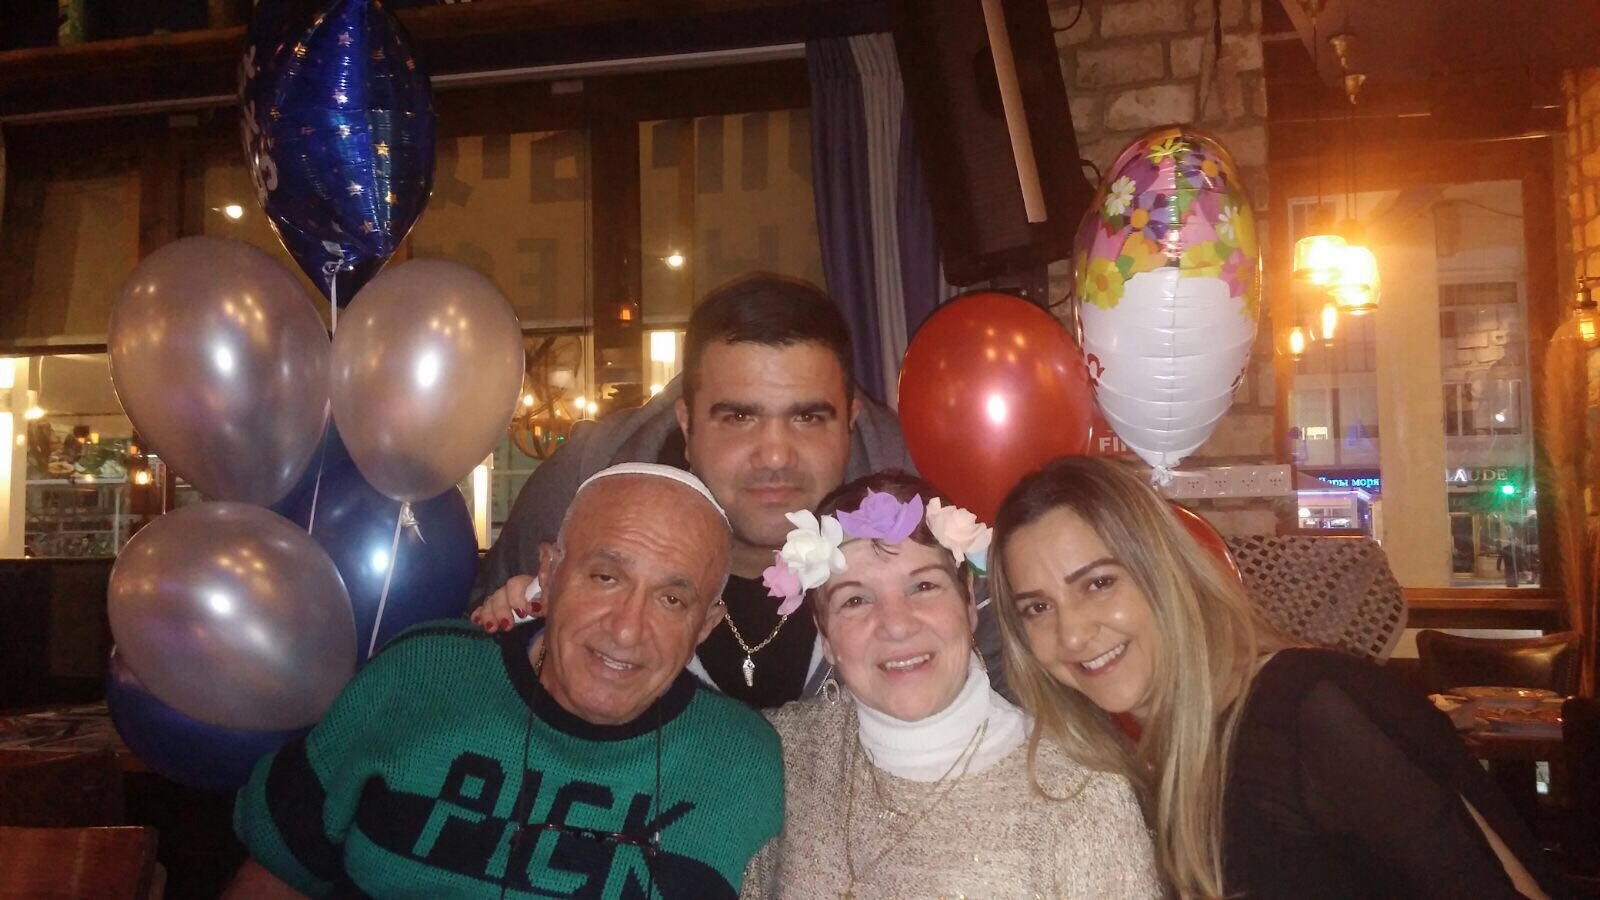 לעוד שנים רבות... משפחת סולימני חוגגת להורים זמירה ויצחק במסעדת יורגוס